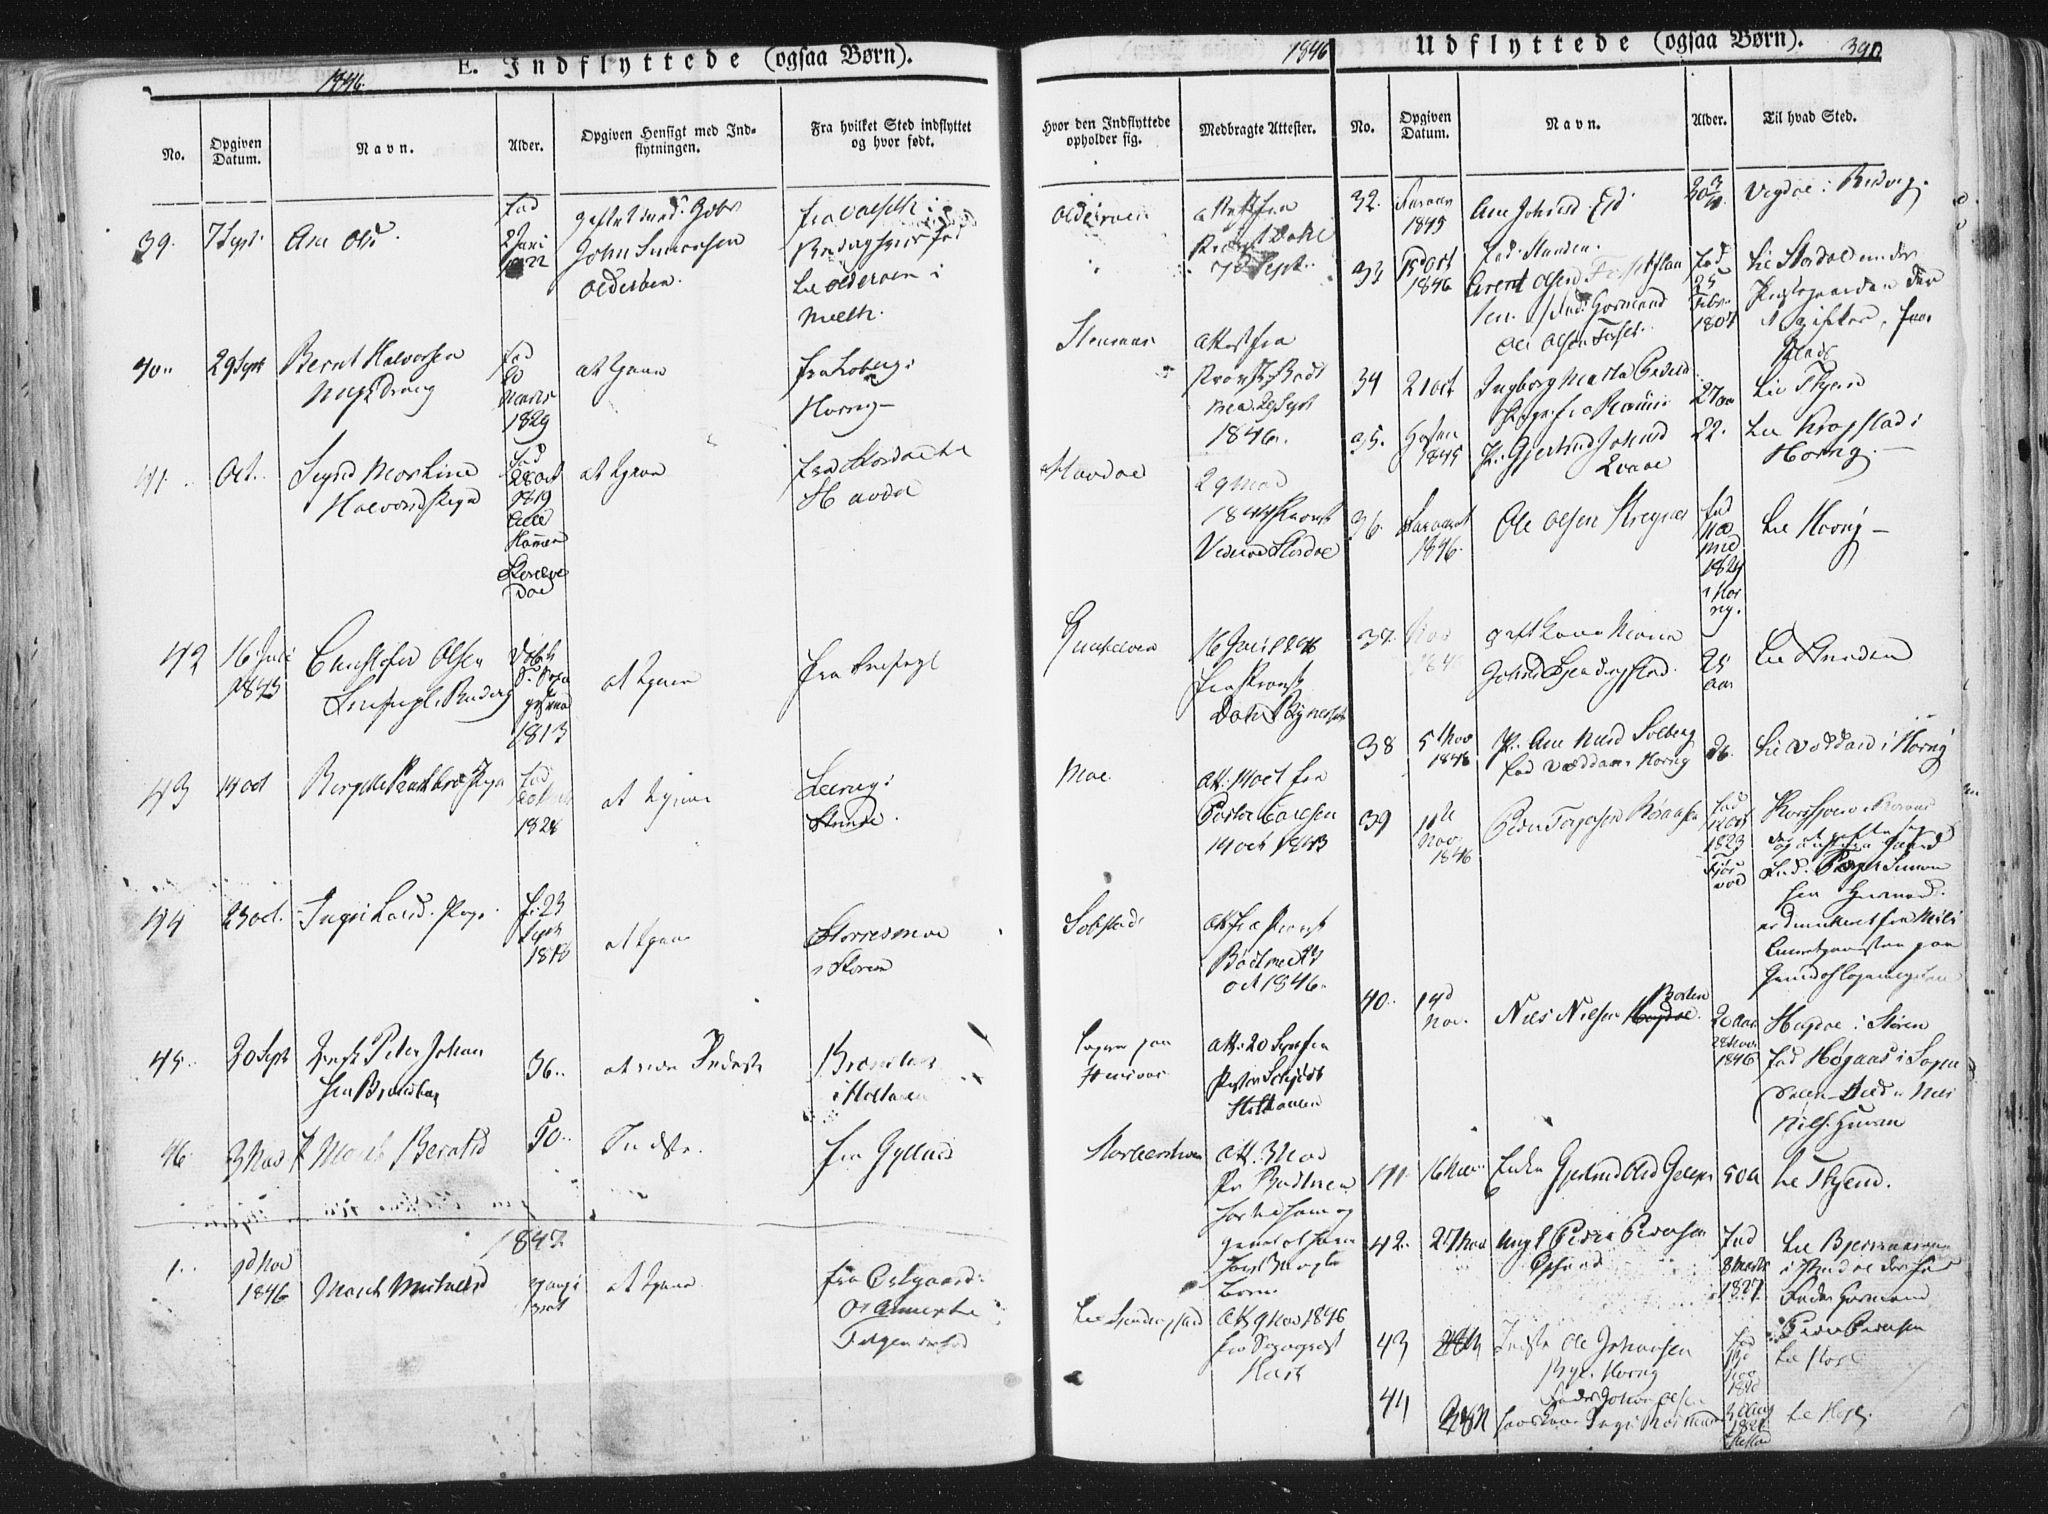 SAT, Ministerialprotokoller, klokkerbøker og fødselsregistre - Sør-Trøndelag, 691/L1074: Ministerialbok nr. 691A06, 1842-1852, s. 390